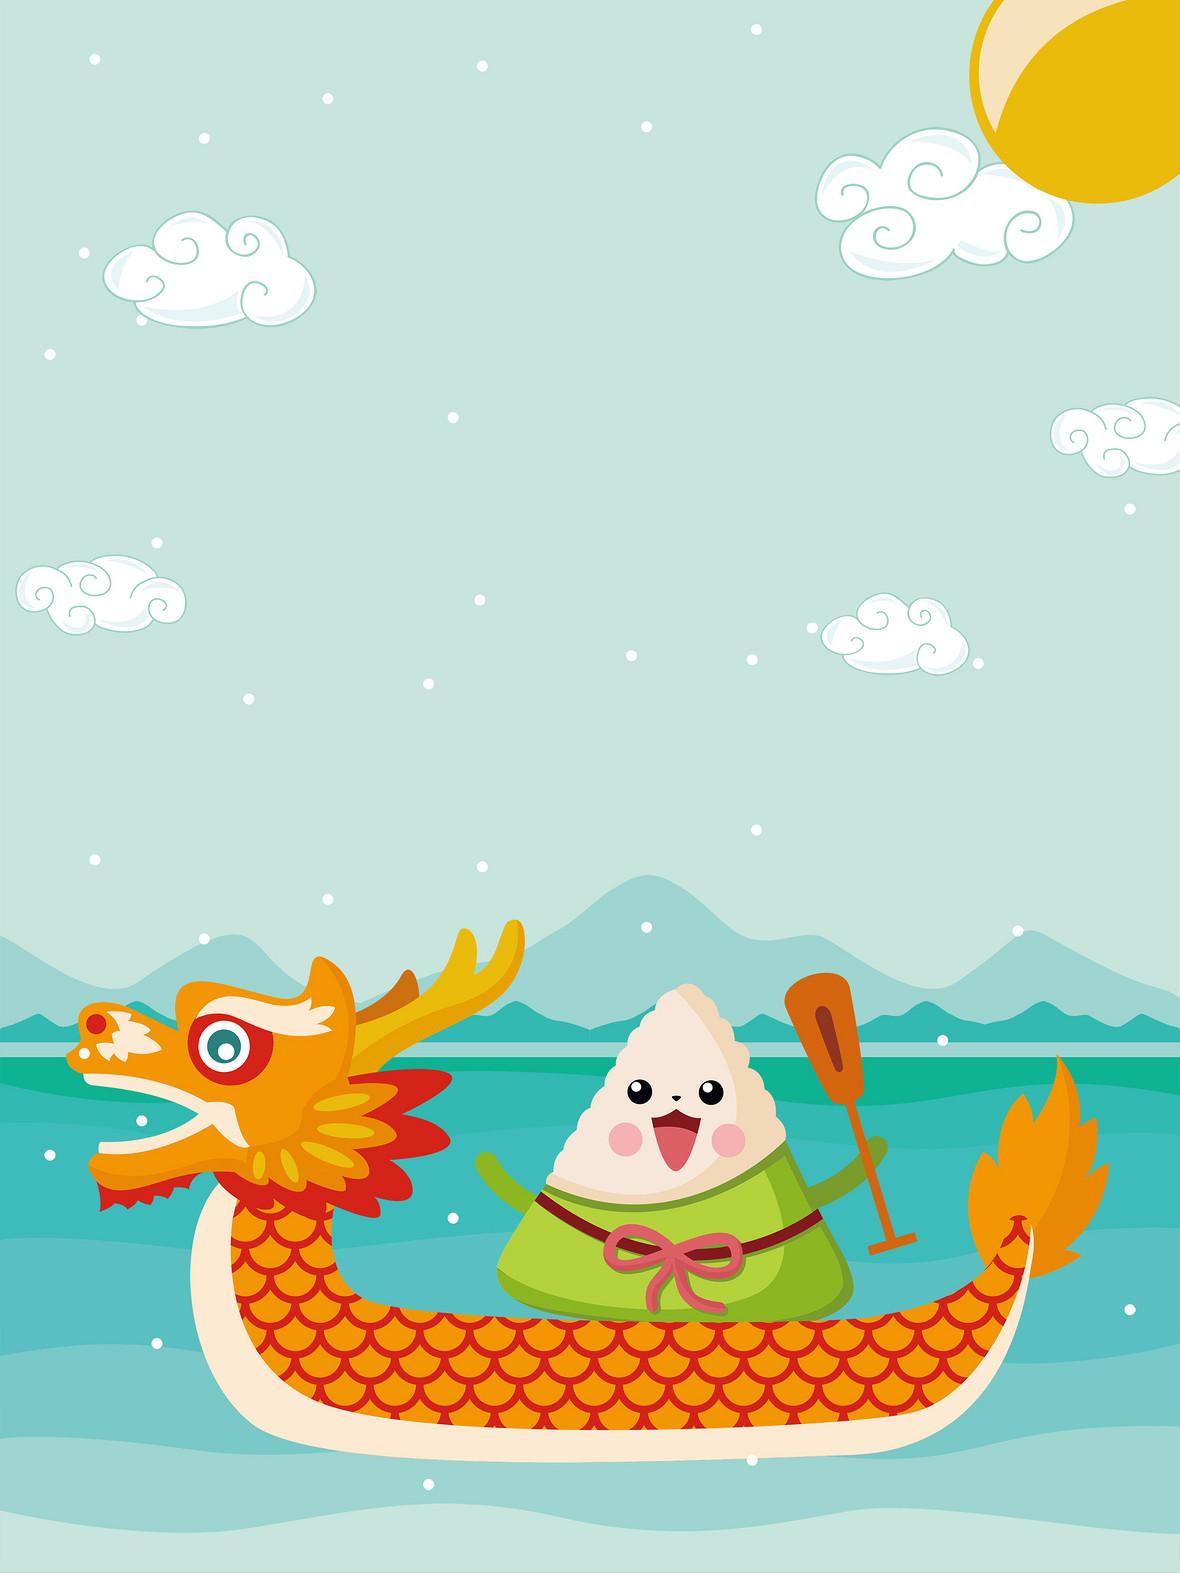 绿色矢量卡通粽子龙舟端午节背景素材